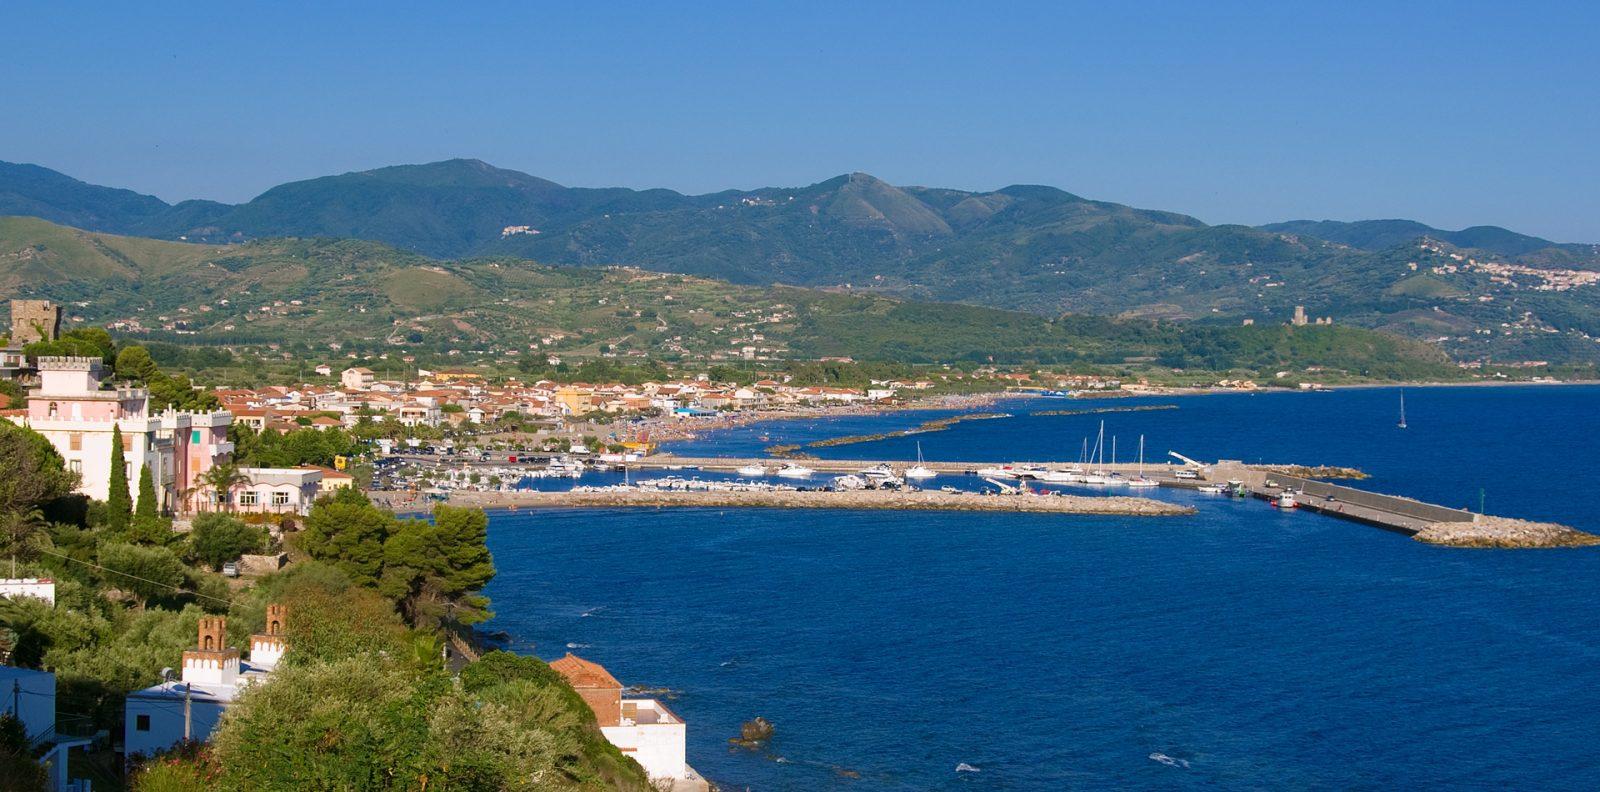 Spiagge di Marina di Casal Velino